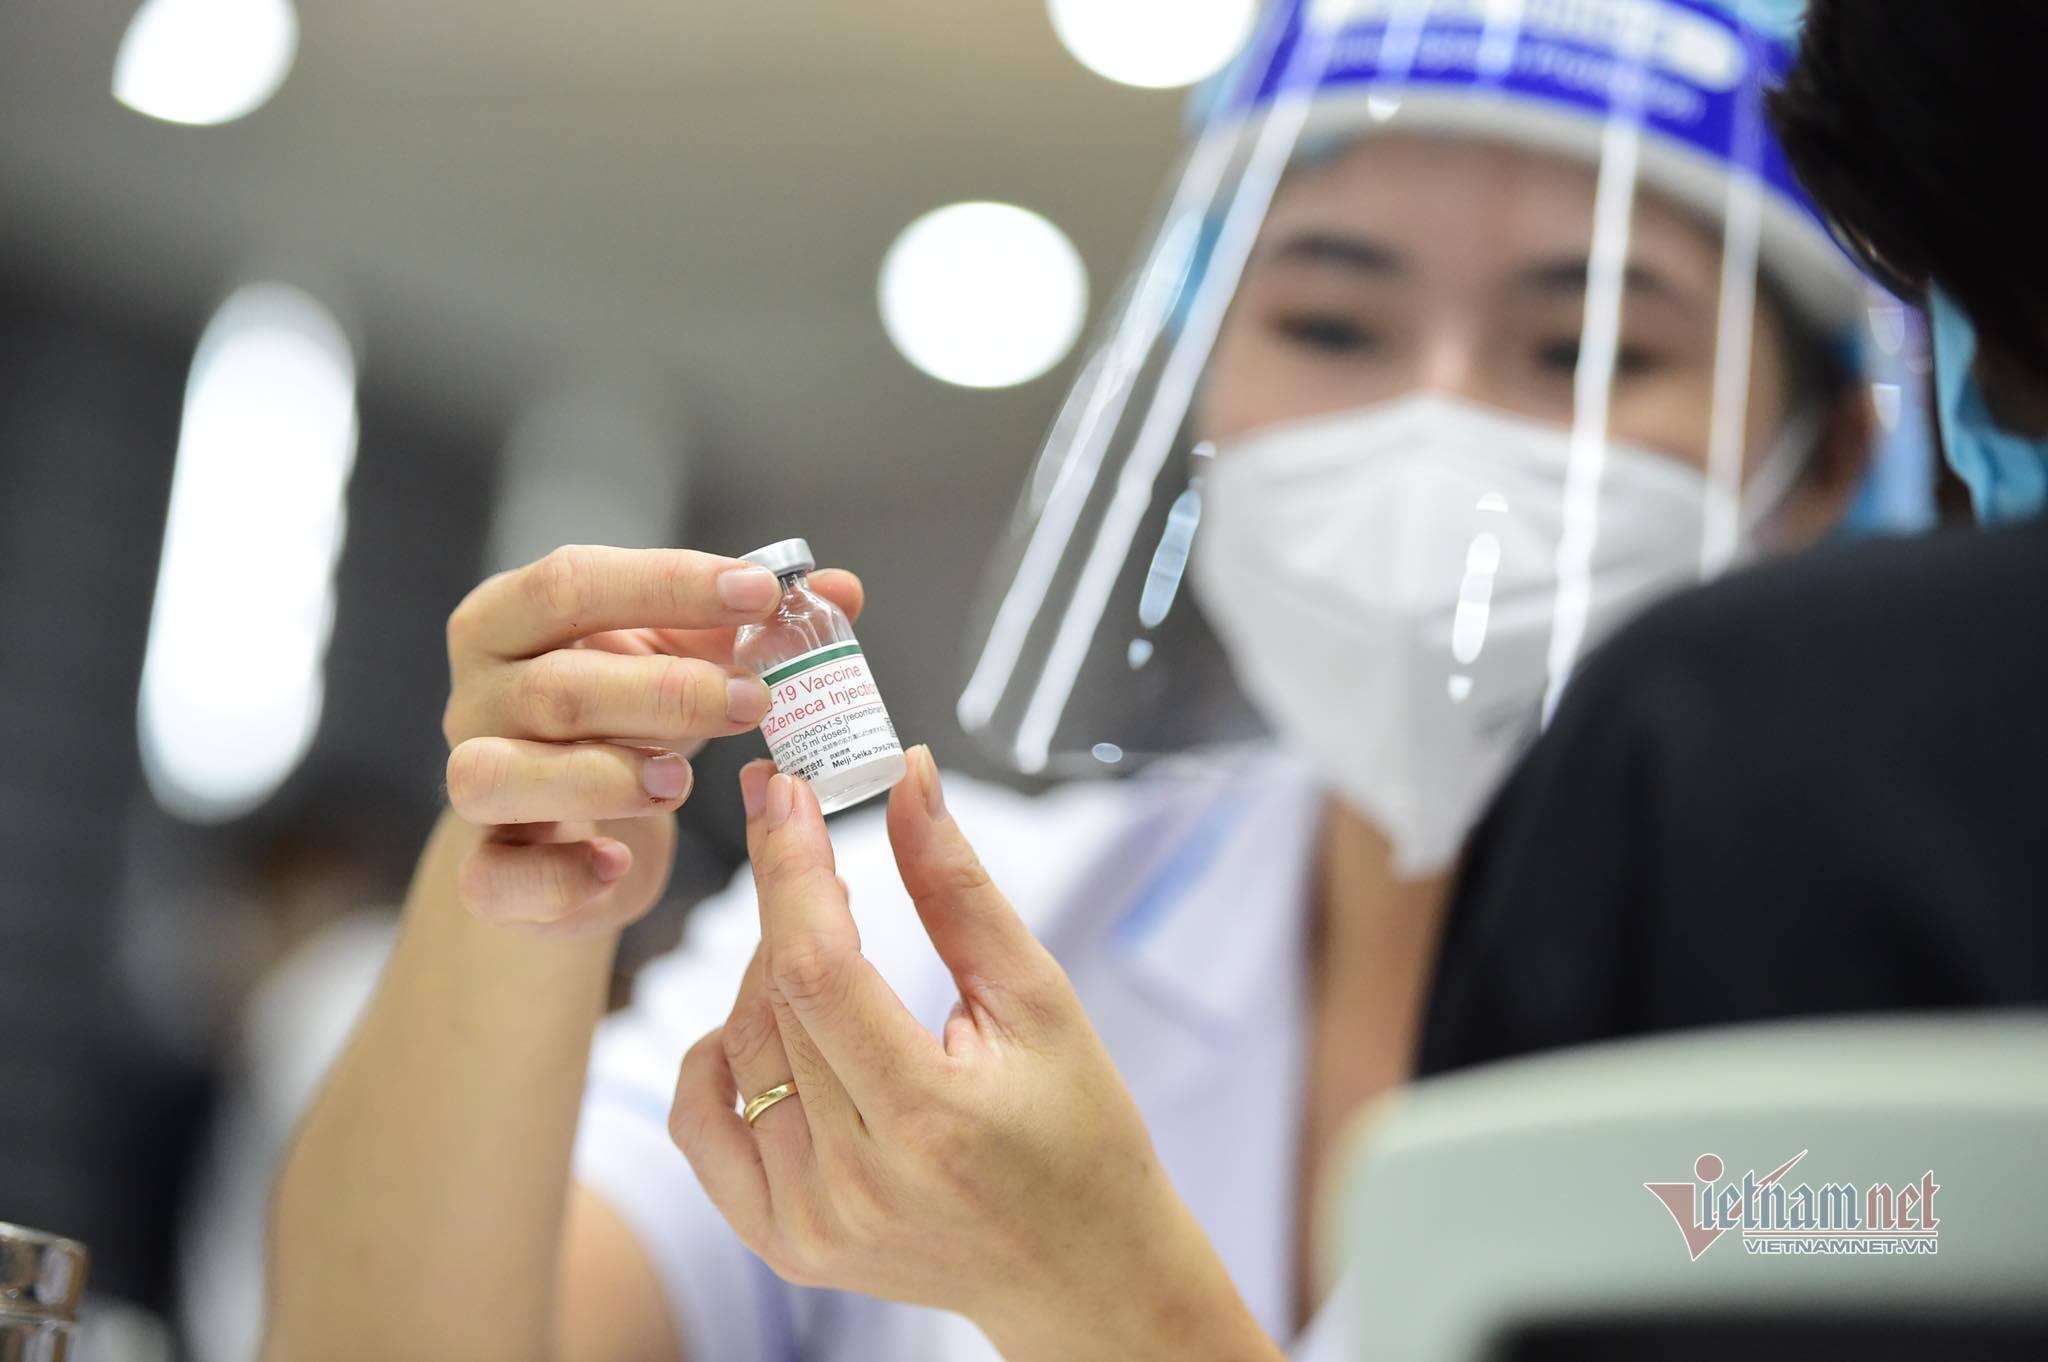 Có nên uống nước ép lá tía tô trước khi tiêm vắc xin Covid-19?